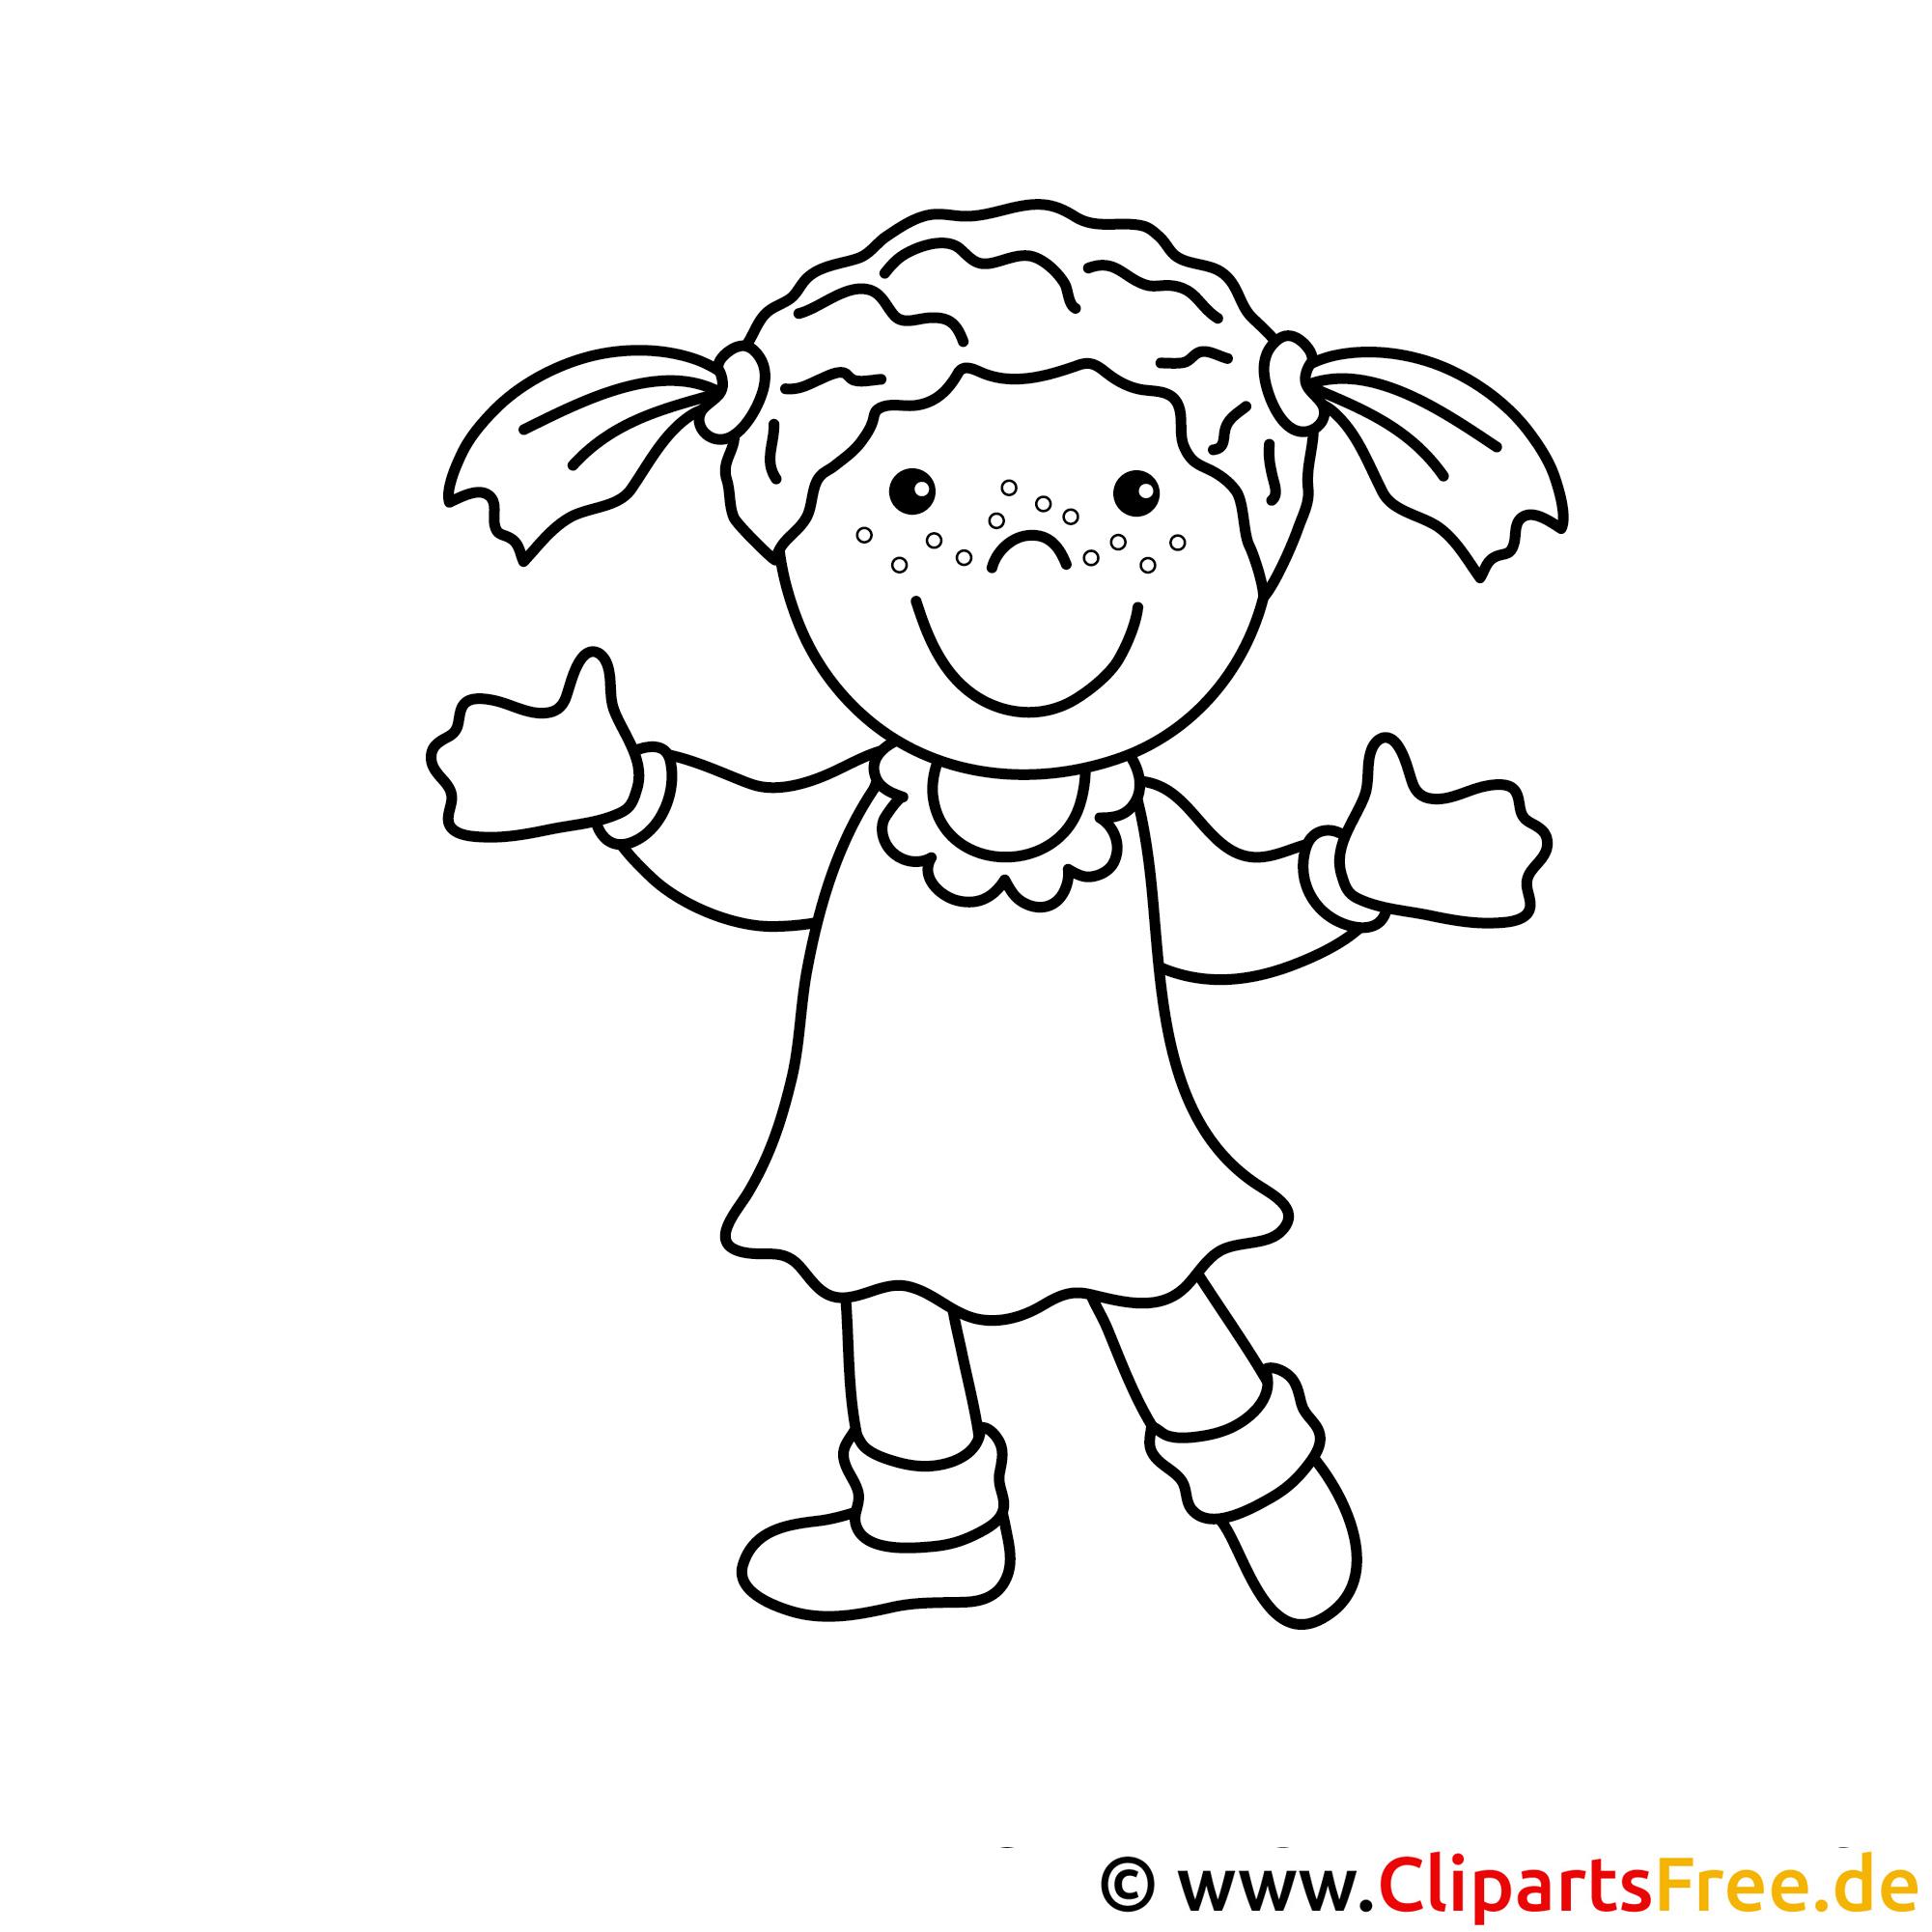 Malvorlagen Für Kinder: Kinder Malvorlagen